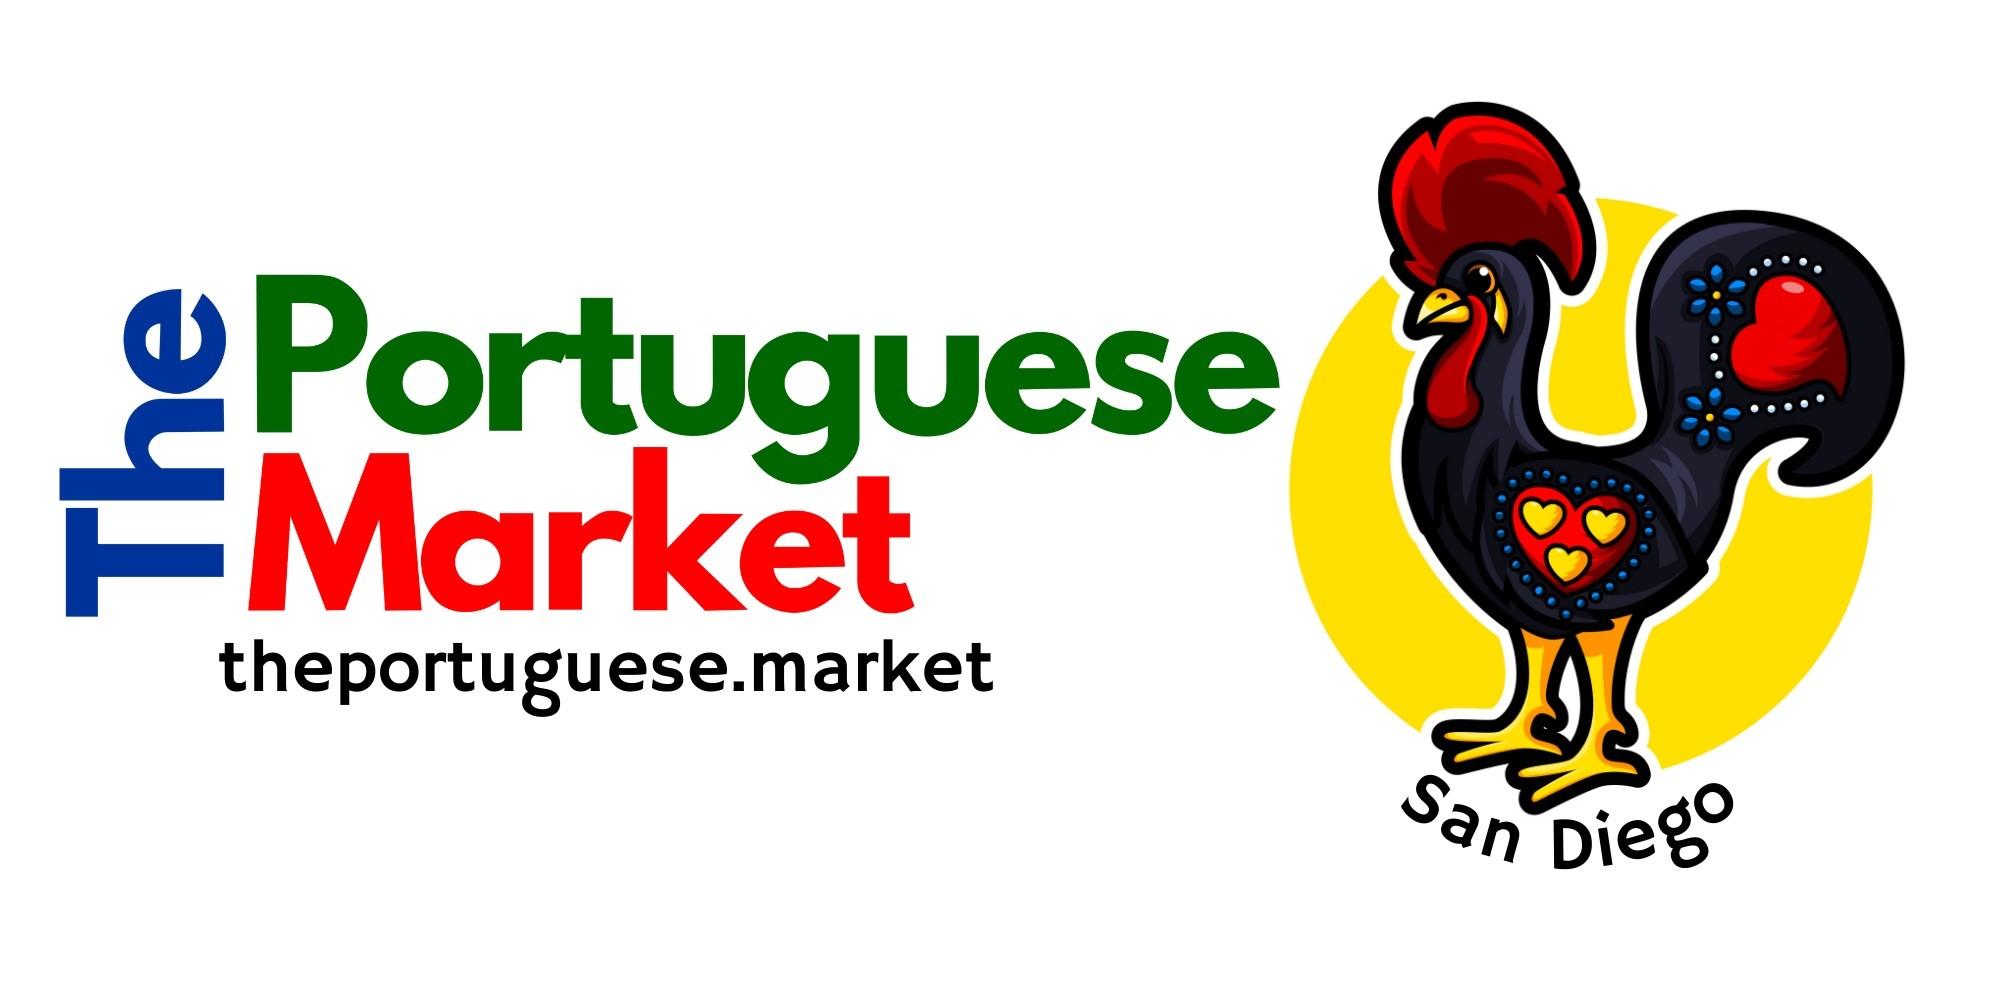 The Portuguese Market